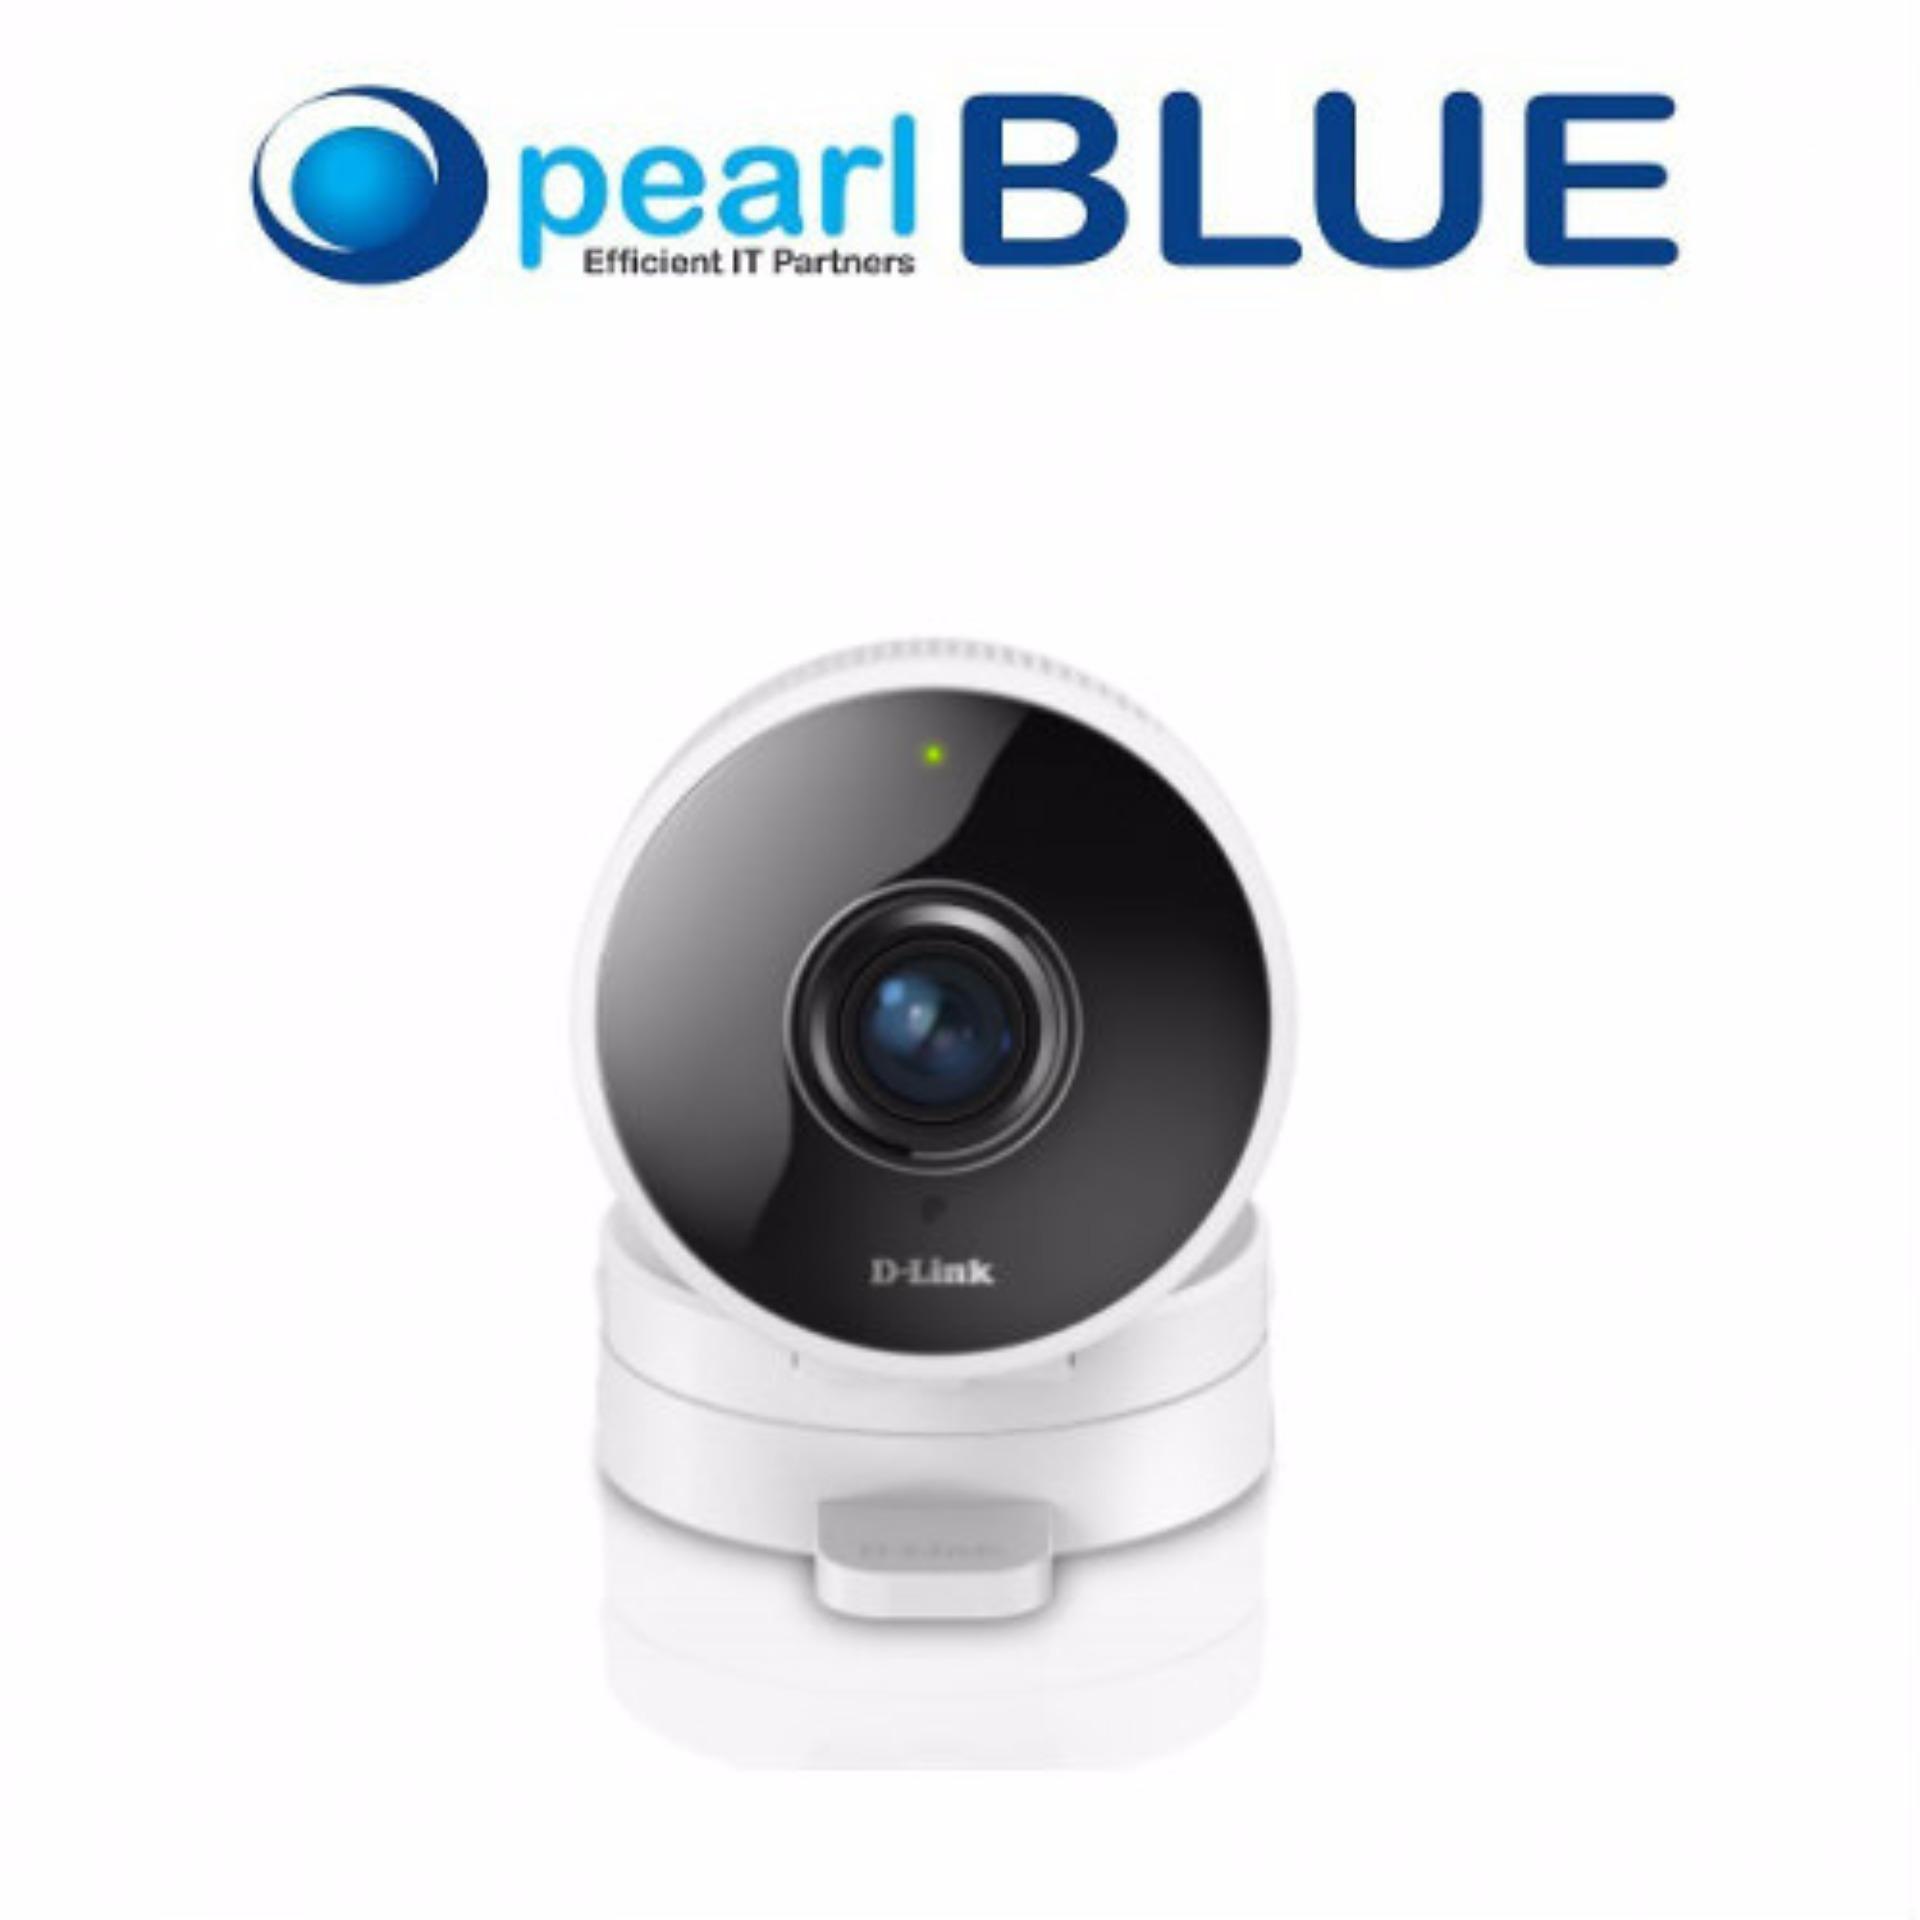 D-Link DCS-8100LH HD 180-Degree Wi-Fi Camera